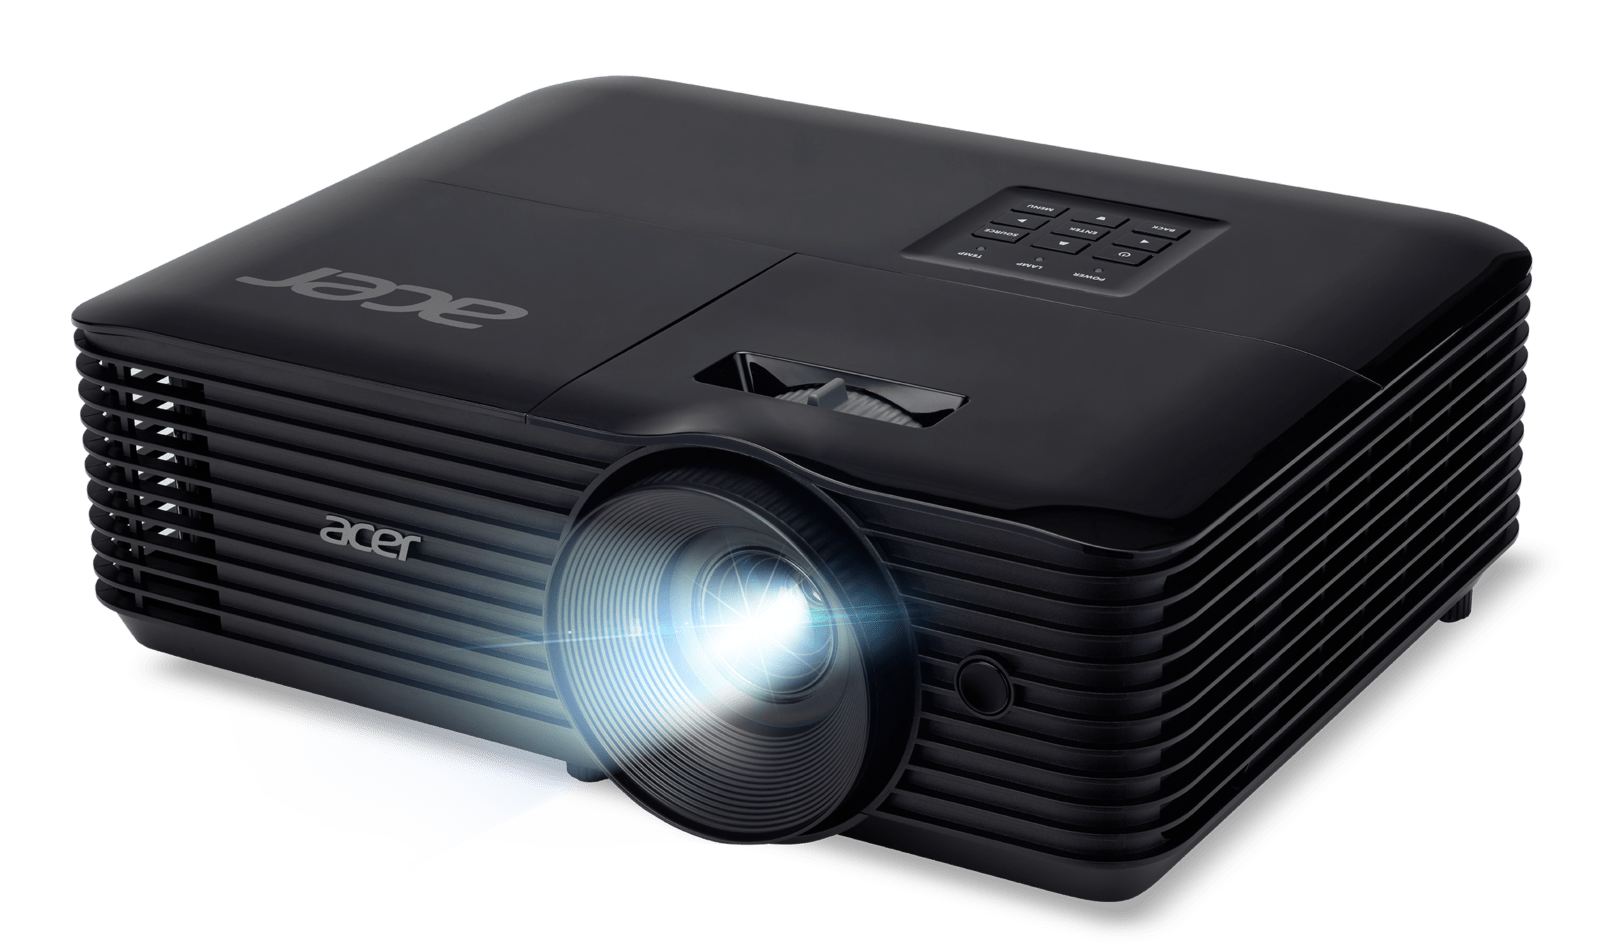 Acer представила на российском рынке новые проекторы X1 для бизнеса (X1126AH X1226AH X1326AWH X1128H X1228H X1328WH light 3)